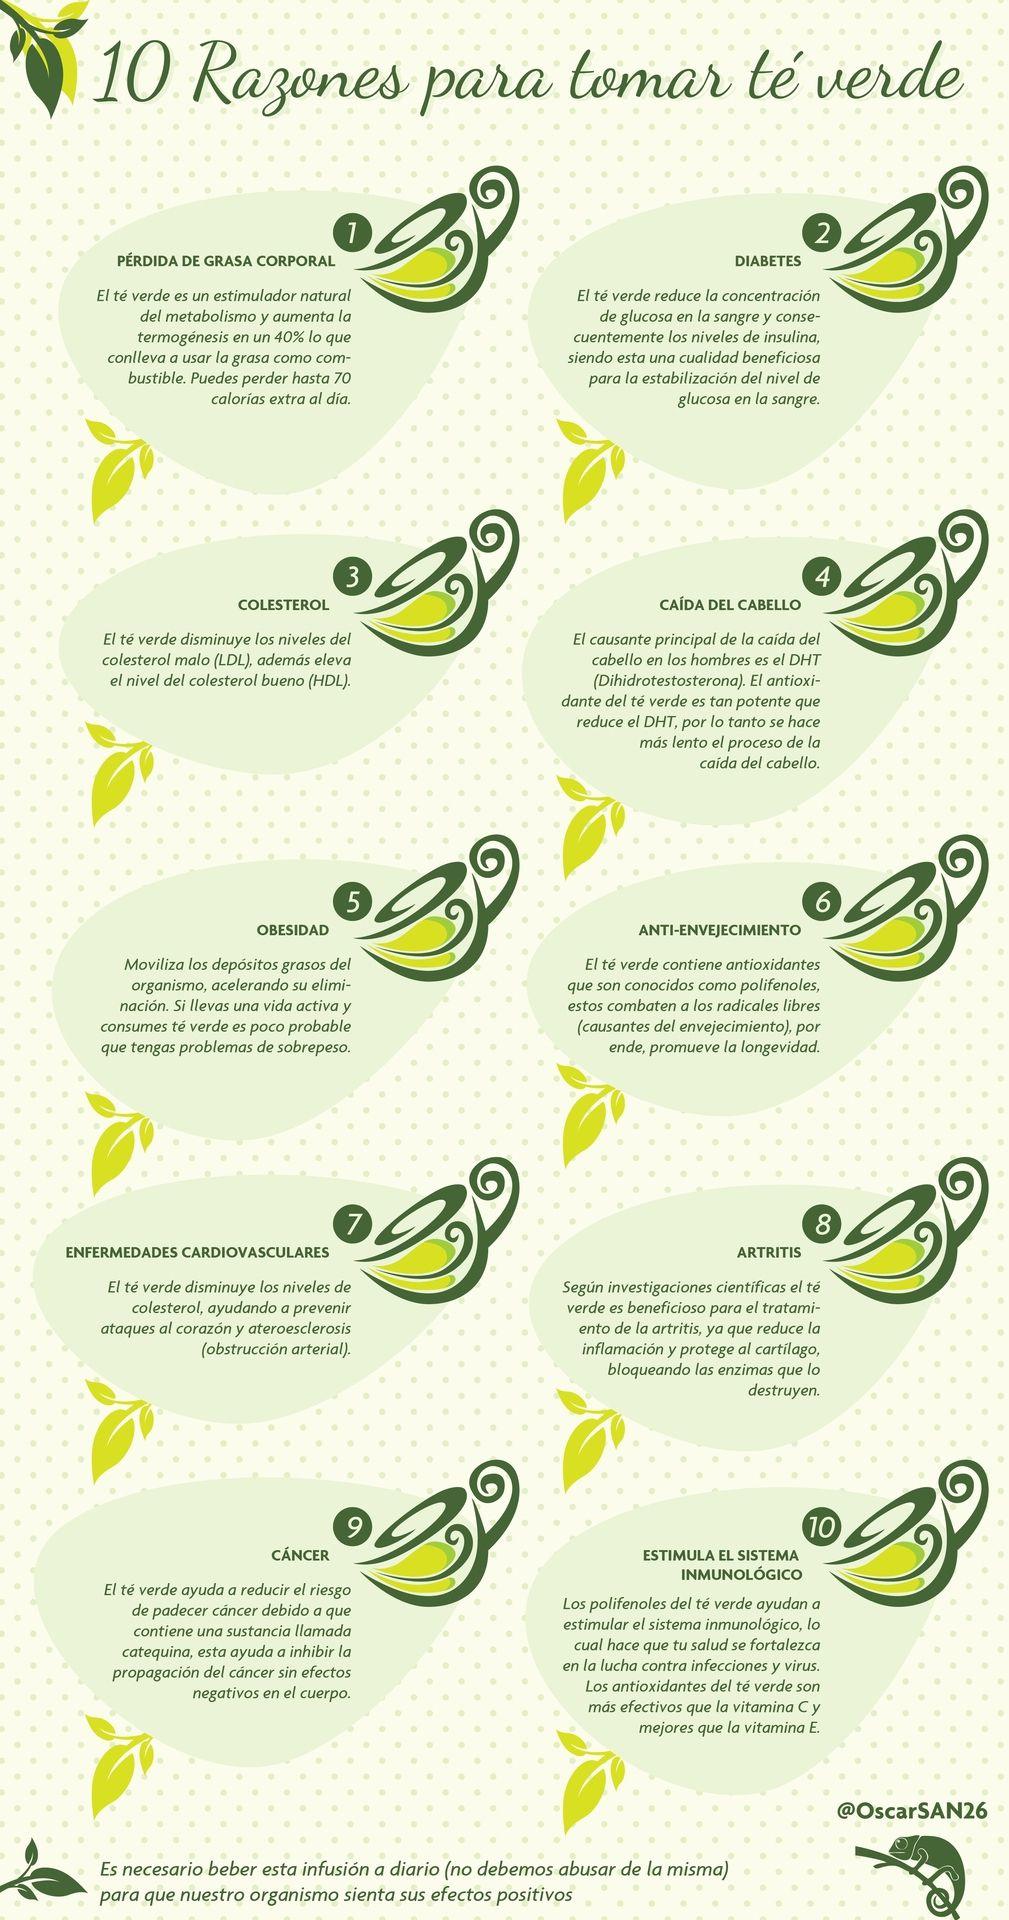 Si ya tomas té verde, te alegrará saber que además de estar muy bueno, es muy saludable. Si aún no lo tomas, te animamos a que lo tomes bien frío en verano y le añadas un chorro de limón.